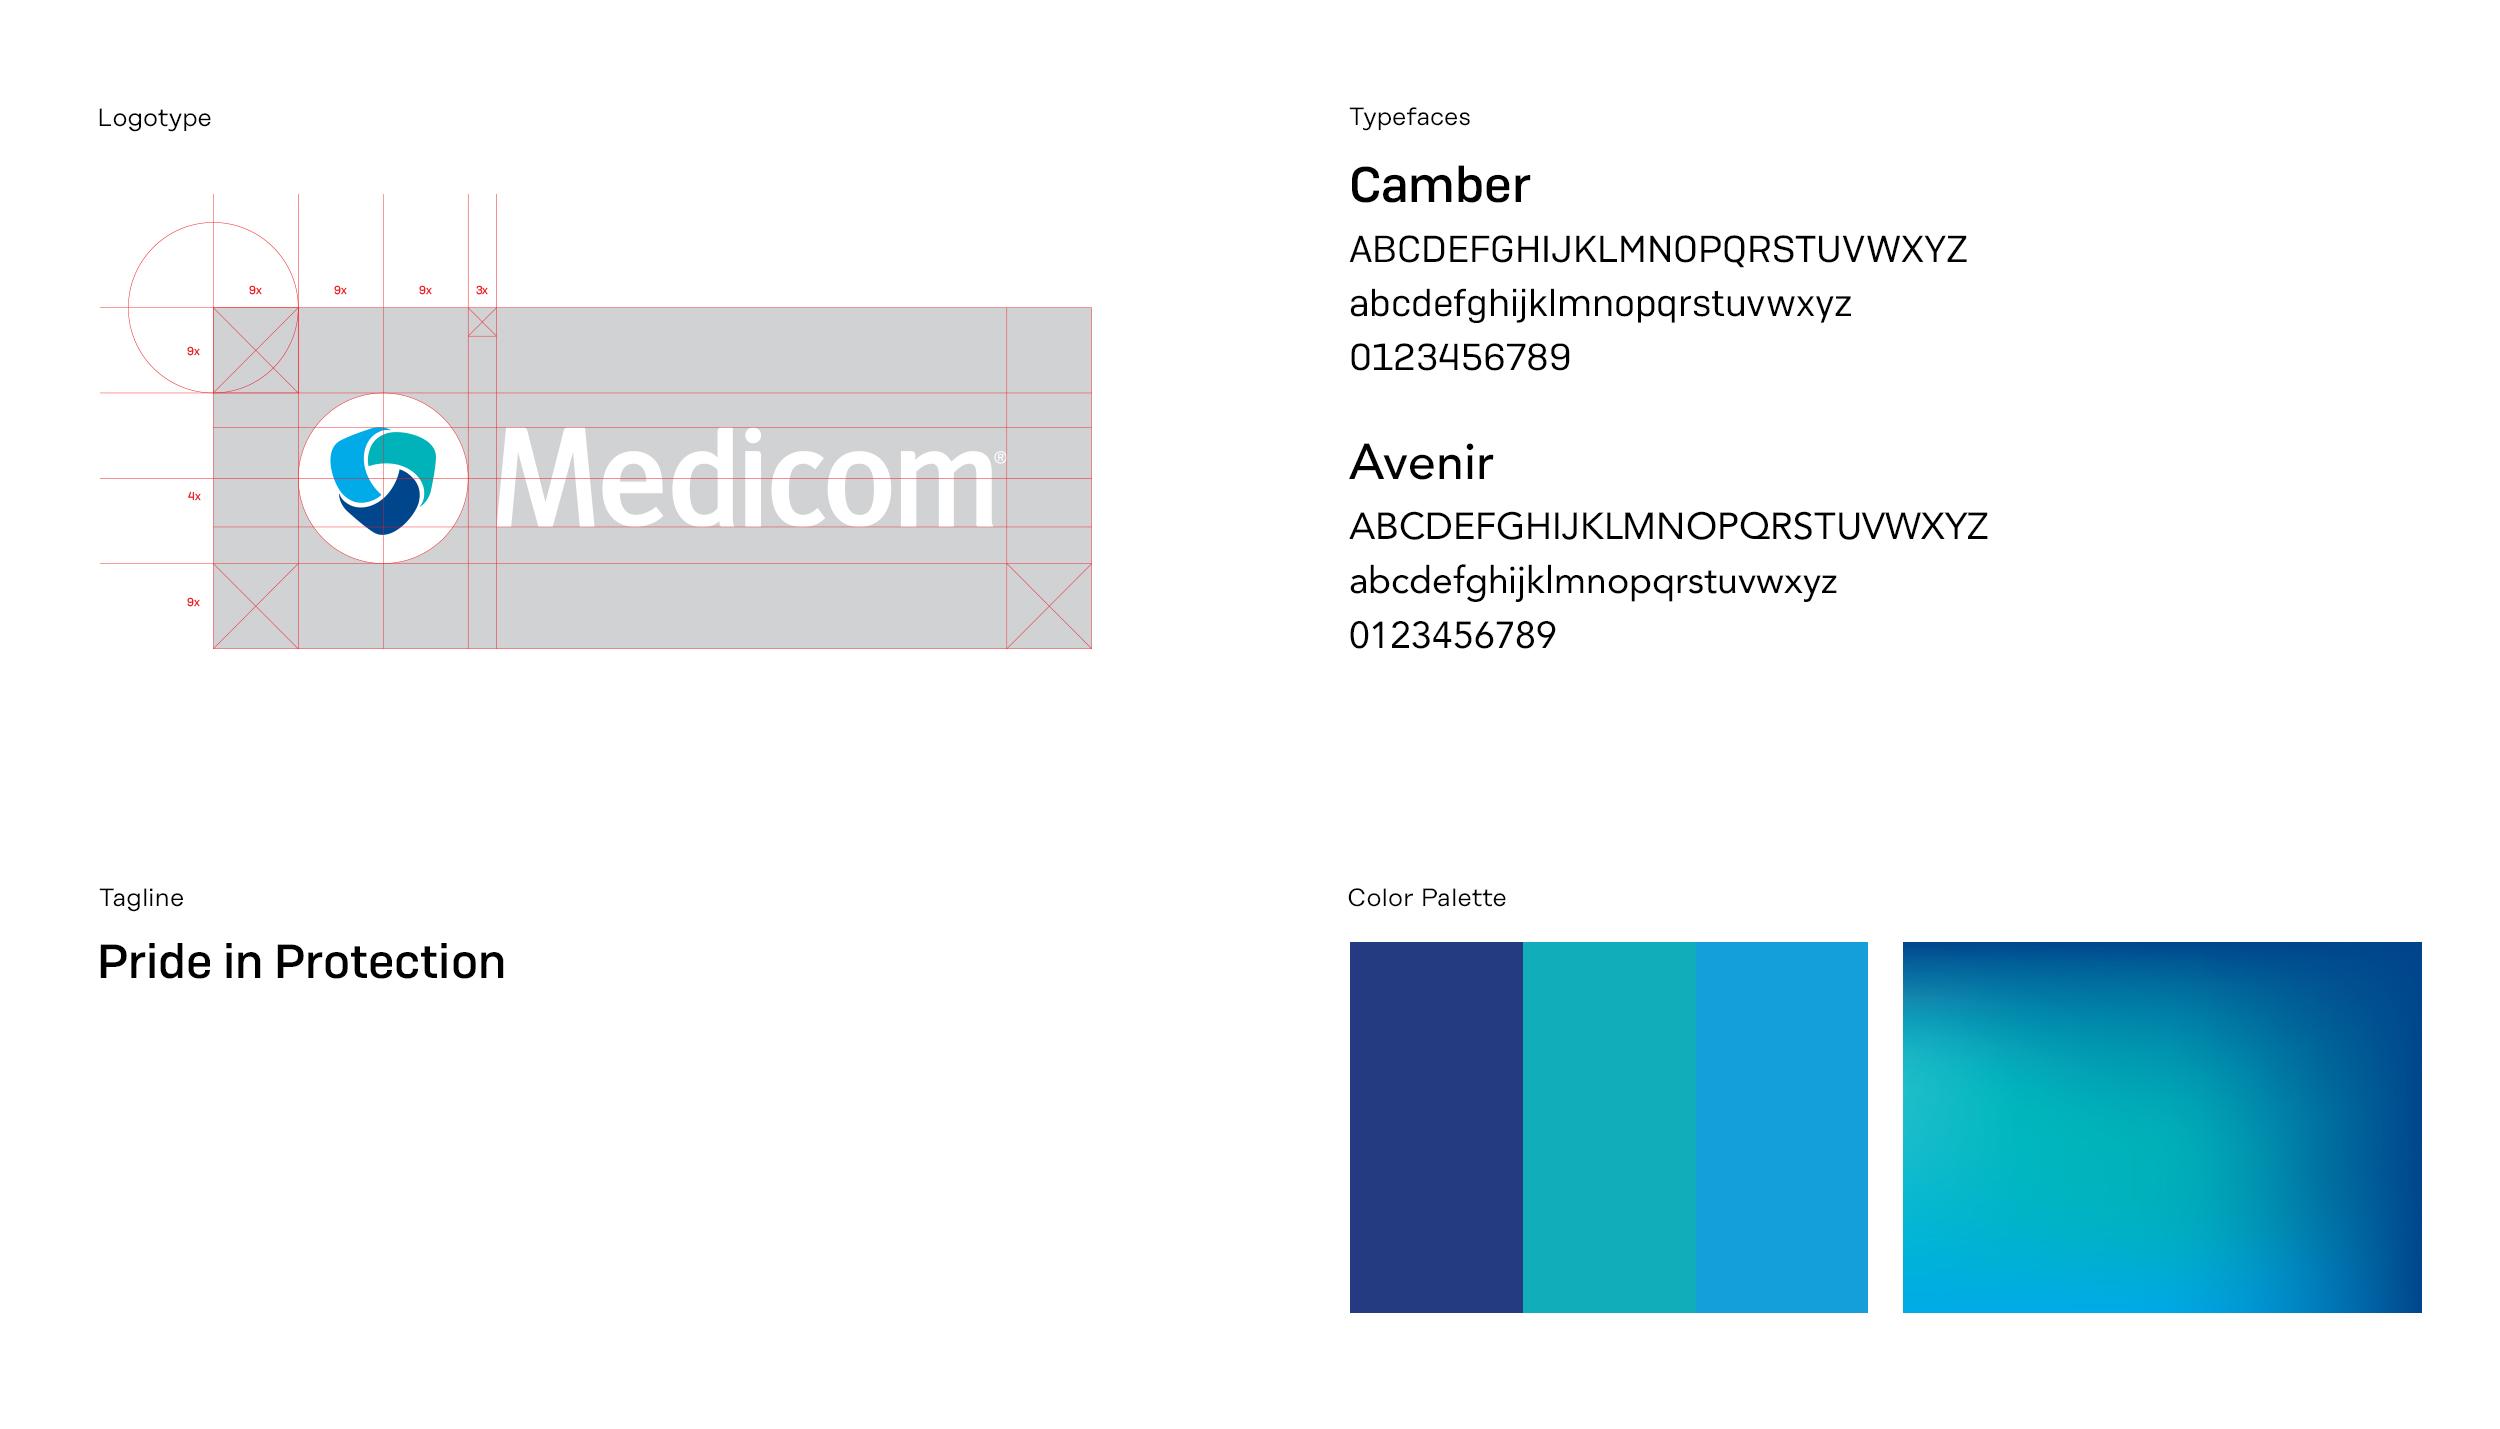 Medicom_normes.jpg